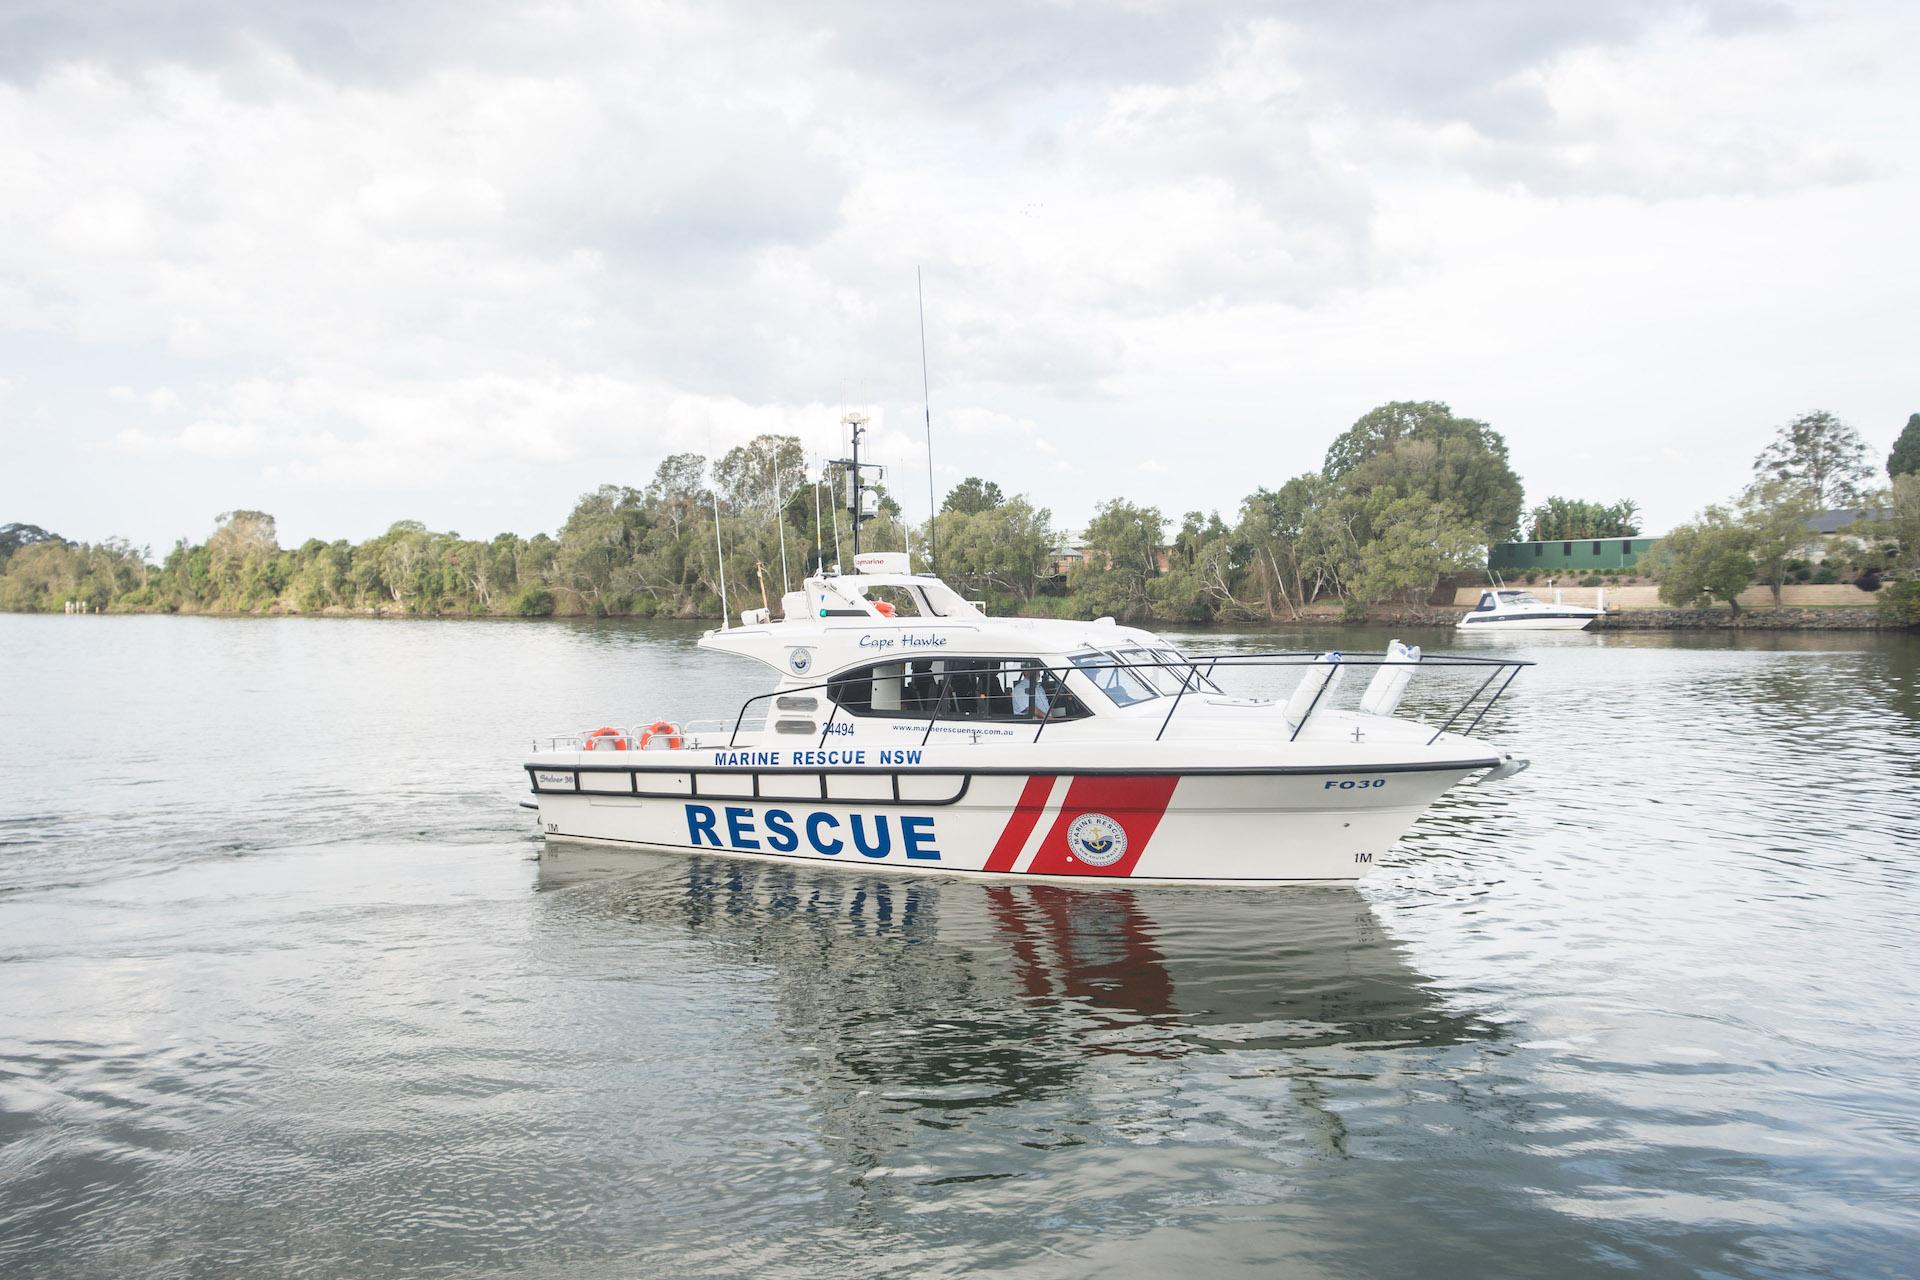 Steber 38 ft Marine Rescue - Forster, NSW